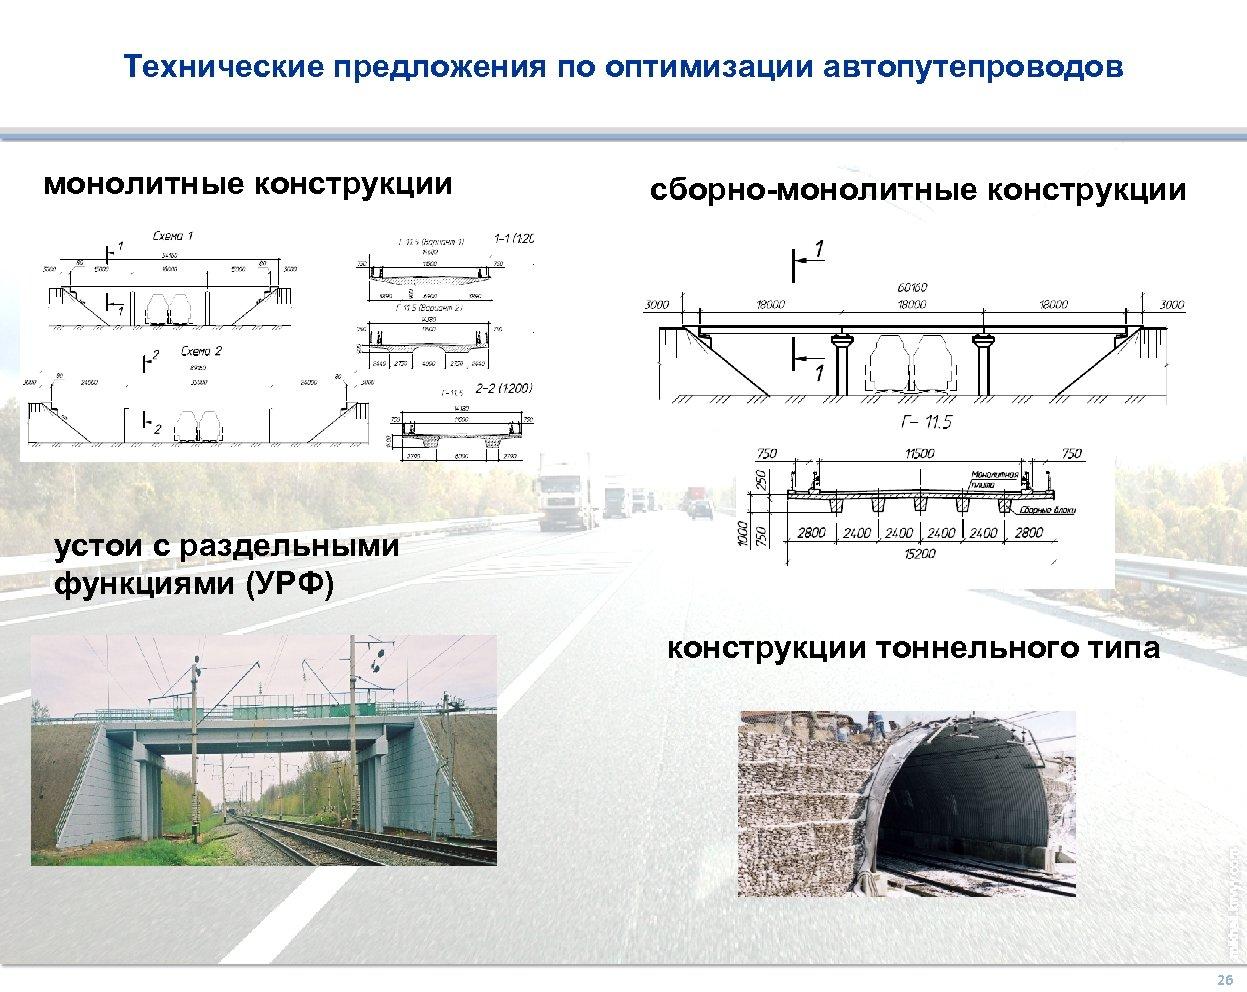 Технические предложения по оптимизации автопутепроводов монолитные конструкции сборно-монолитные конструкции 1 2 устои с раздельными